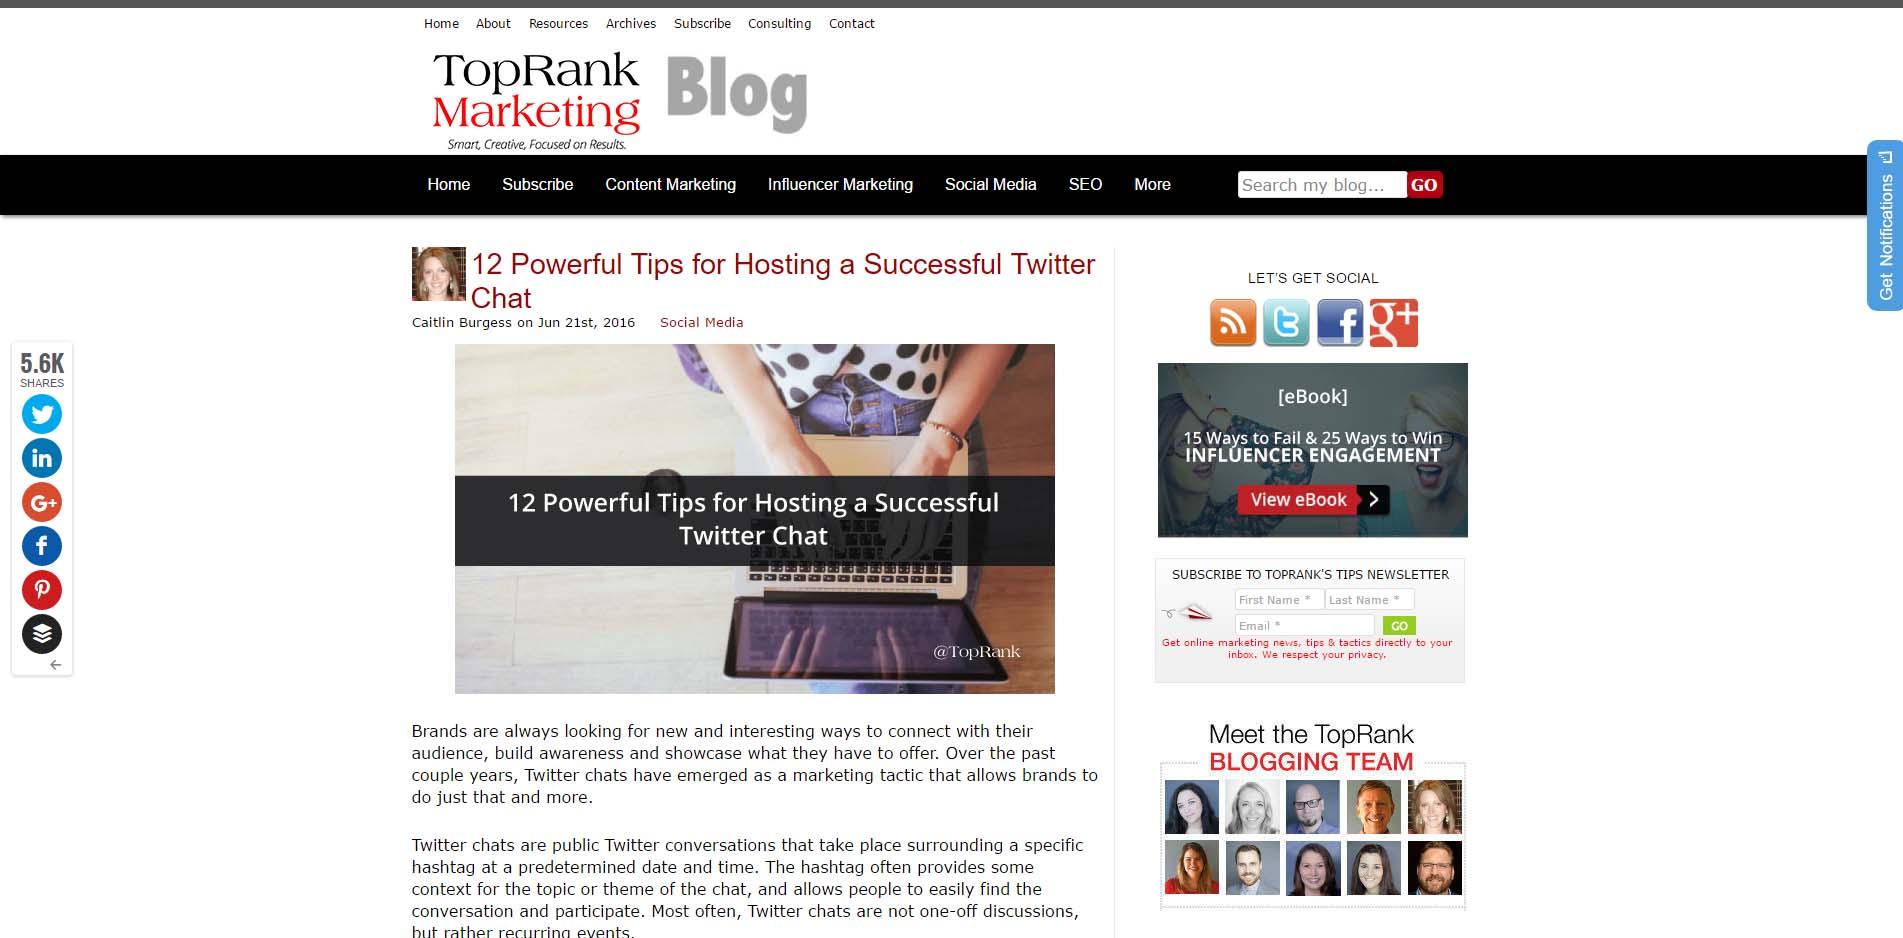 seo-blog-toprankblog-com